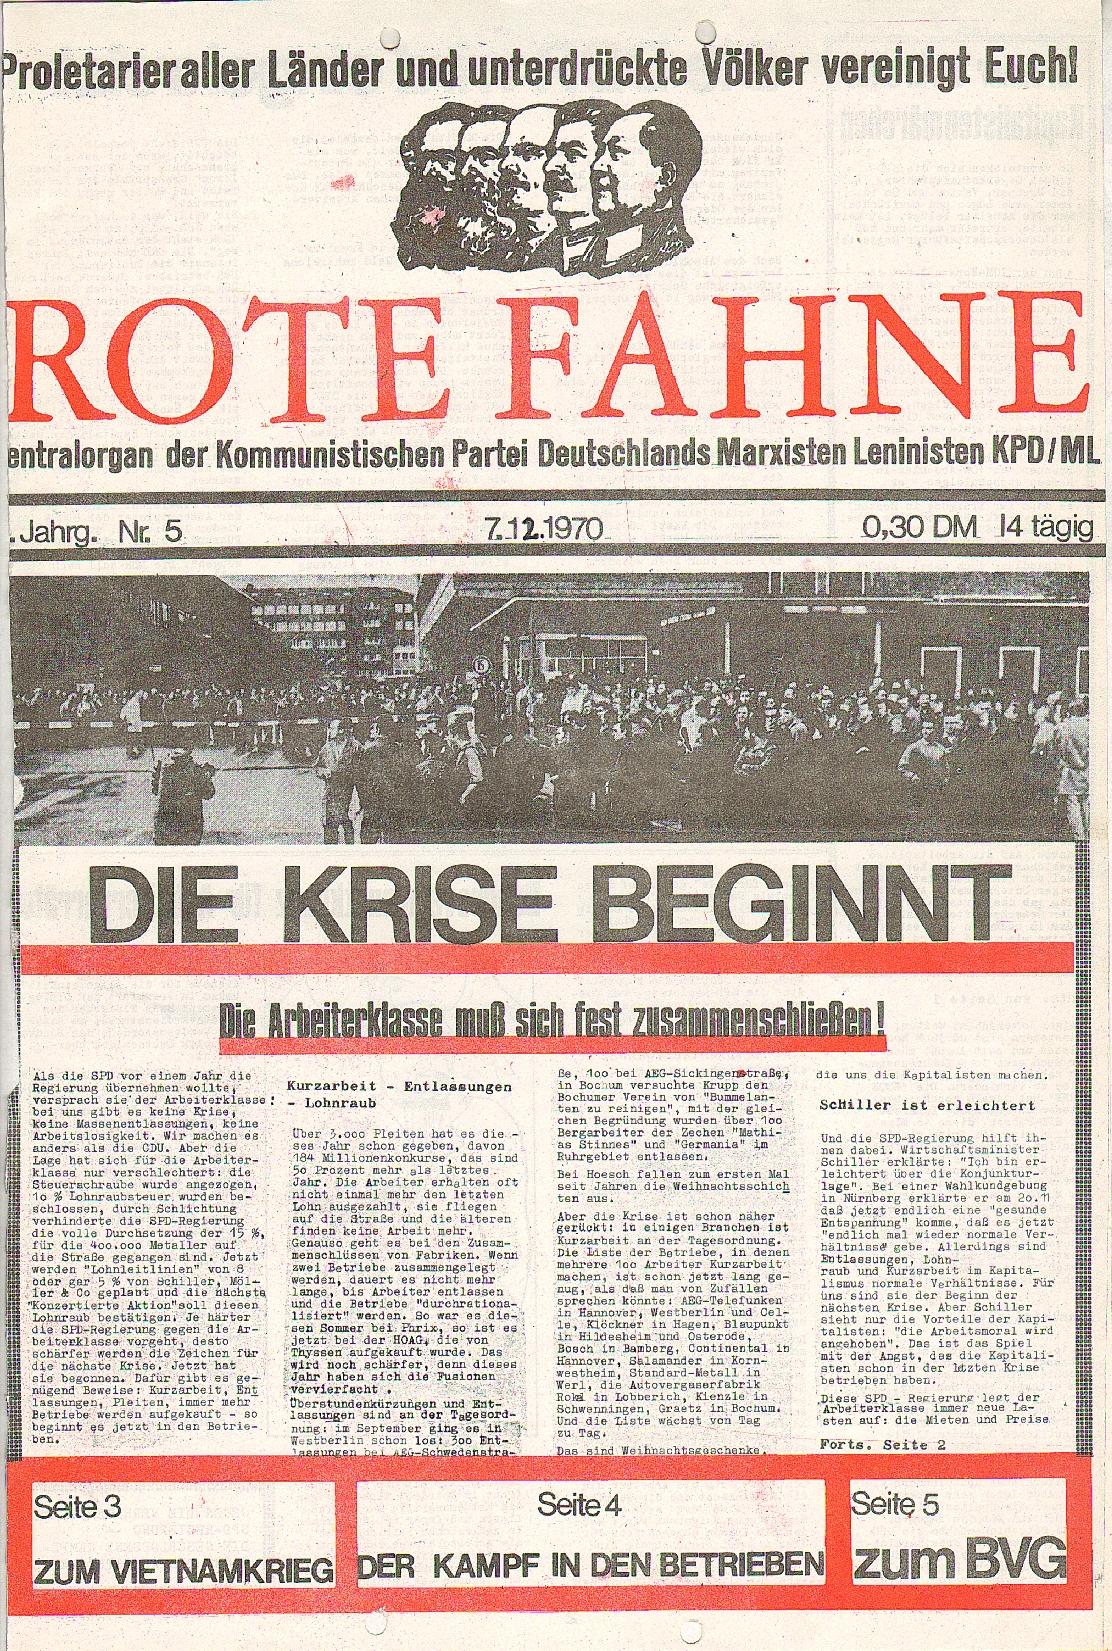 Rote Fahne, 1. Jg., 7.12.1970, Nr. 5, Seite 1